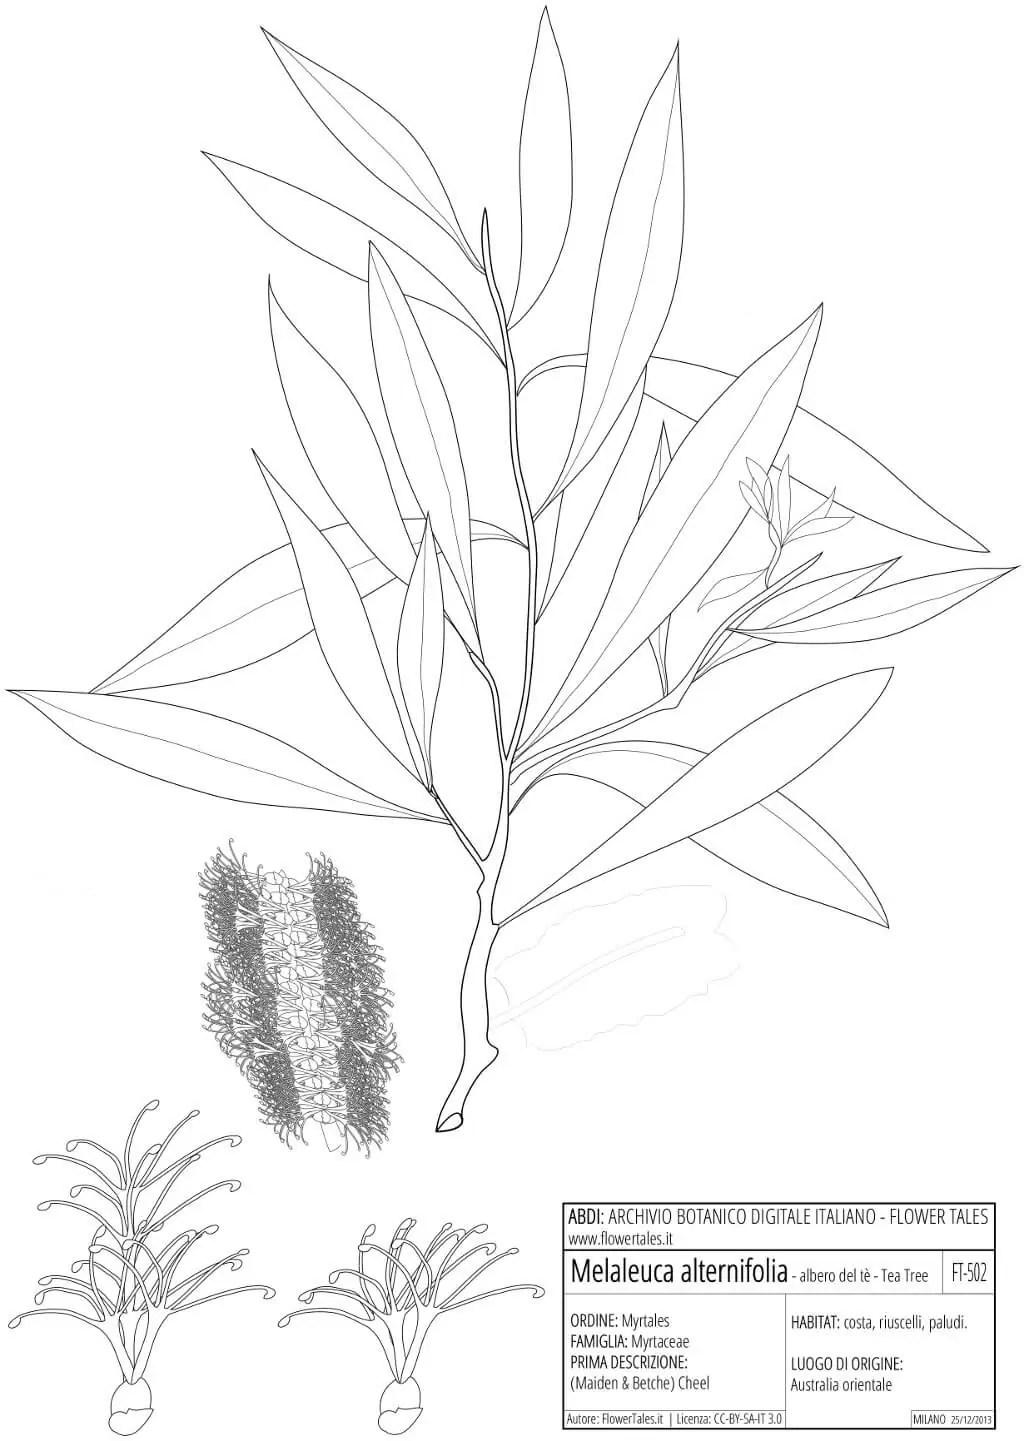 planche botanique teatree